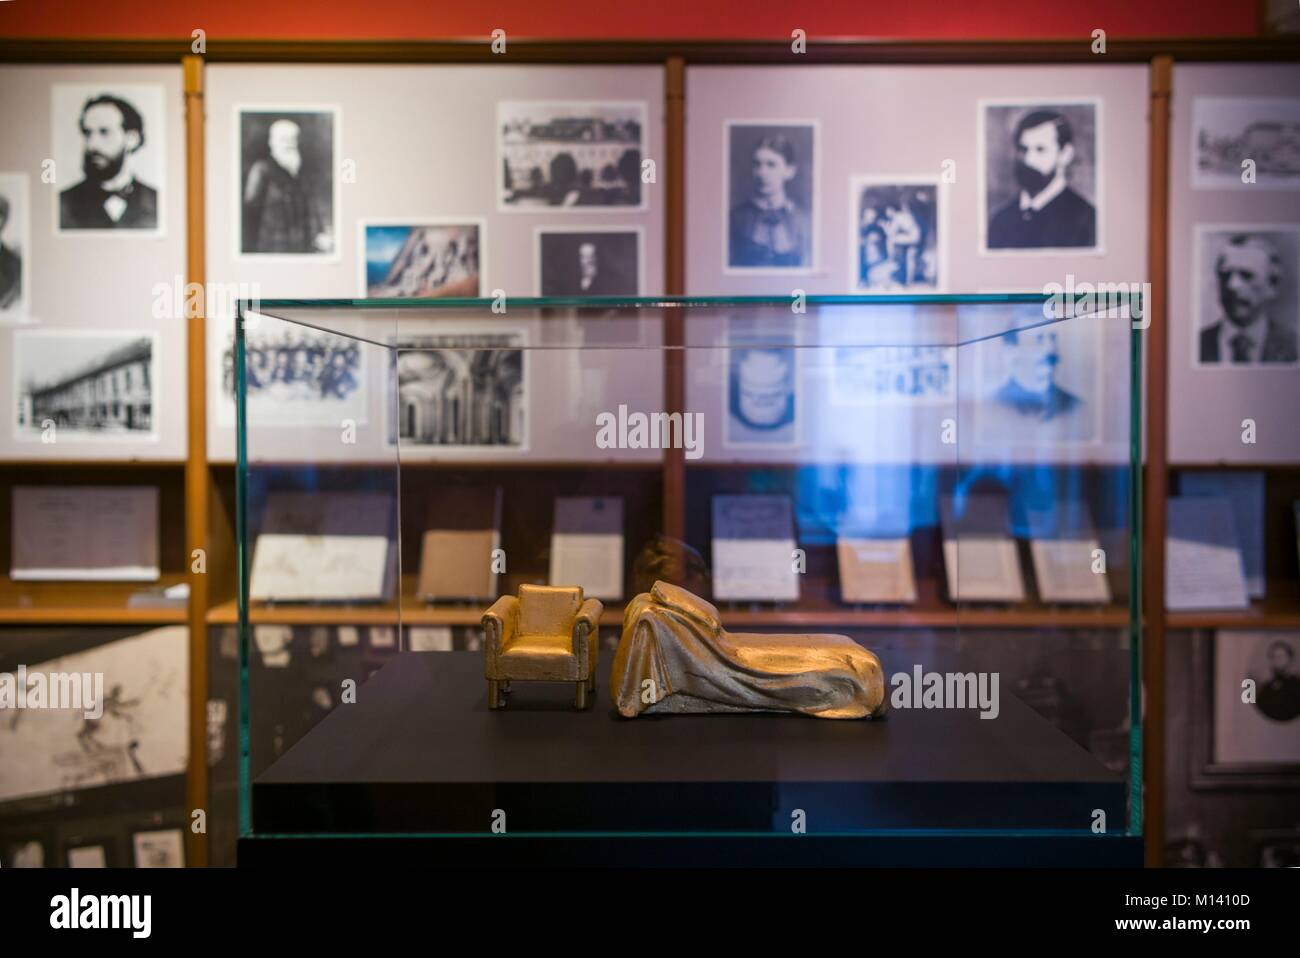 Austria, Vienna, Sigmund Freud Museum, psychoanalyst's couch - Stock Image